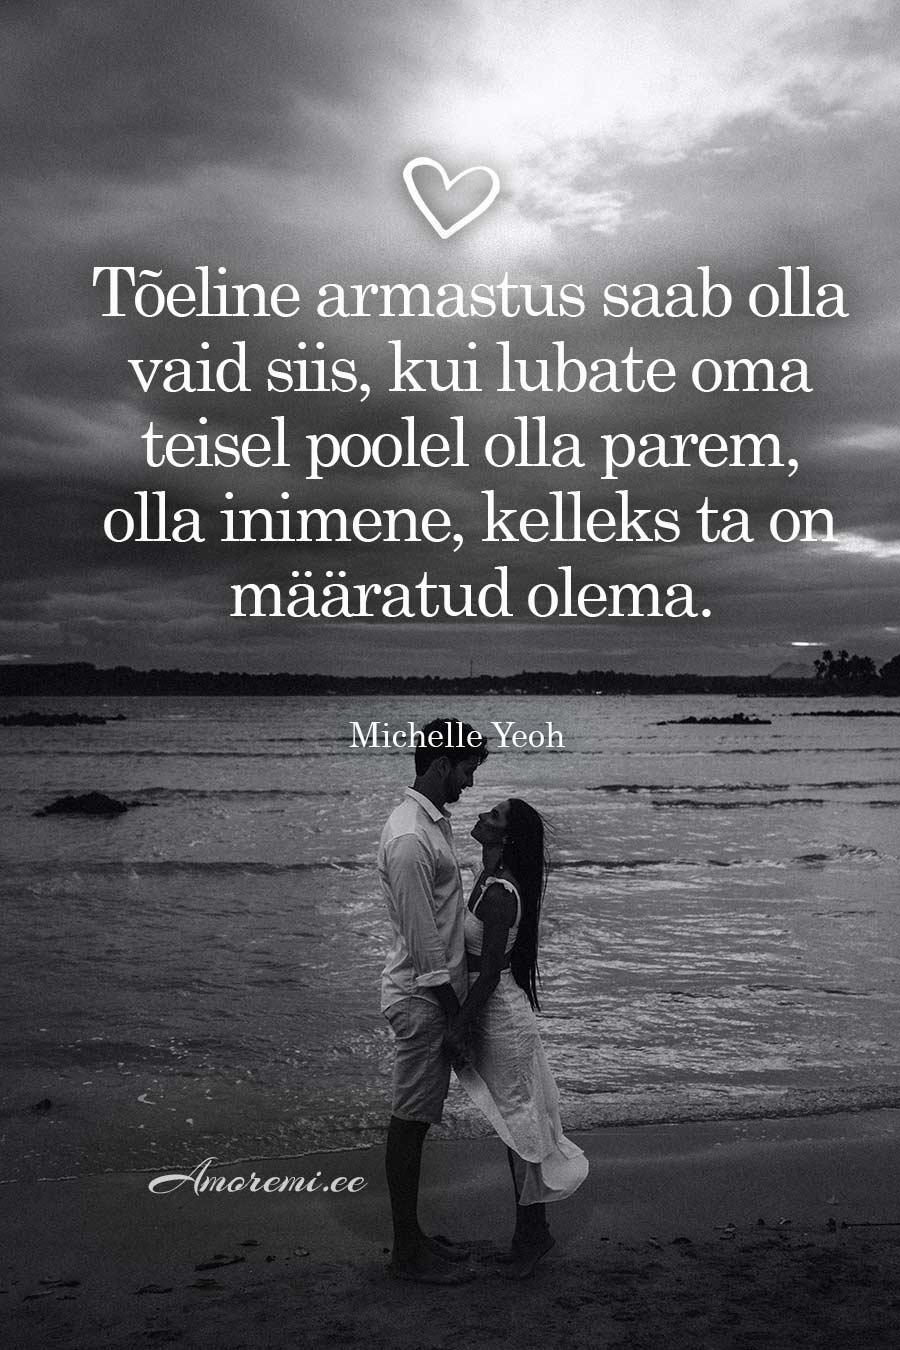 Amoremi tsitaadid 020920